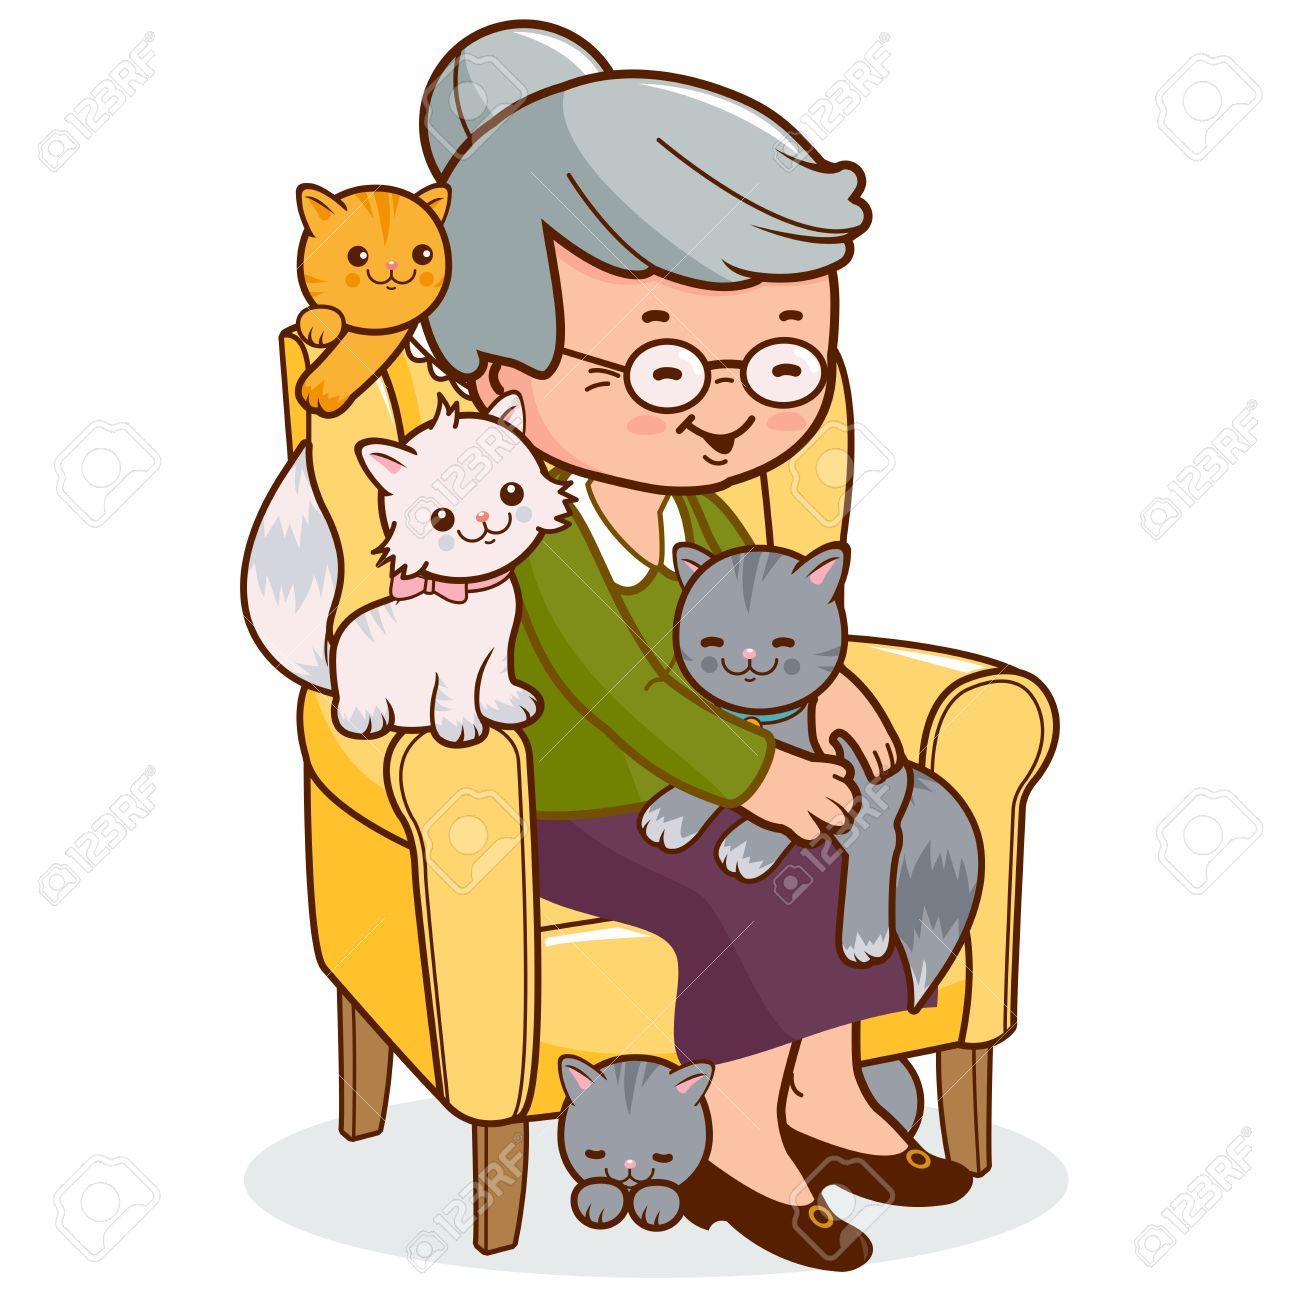 https://previews.123rf.com/images/stockakia/stockakia1509/stockakia150900022/45529513-Vieille-femme-assise-dans-un-fauteuil-avec-les-chats--Banque-d%27images.jpg